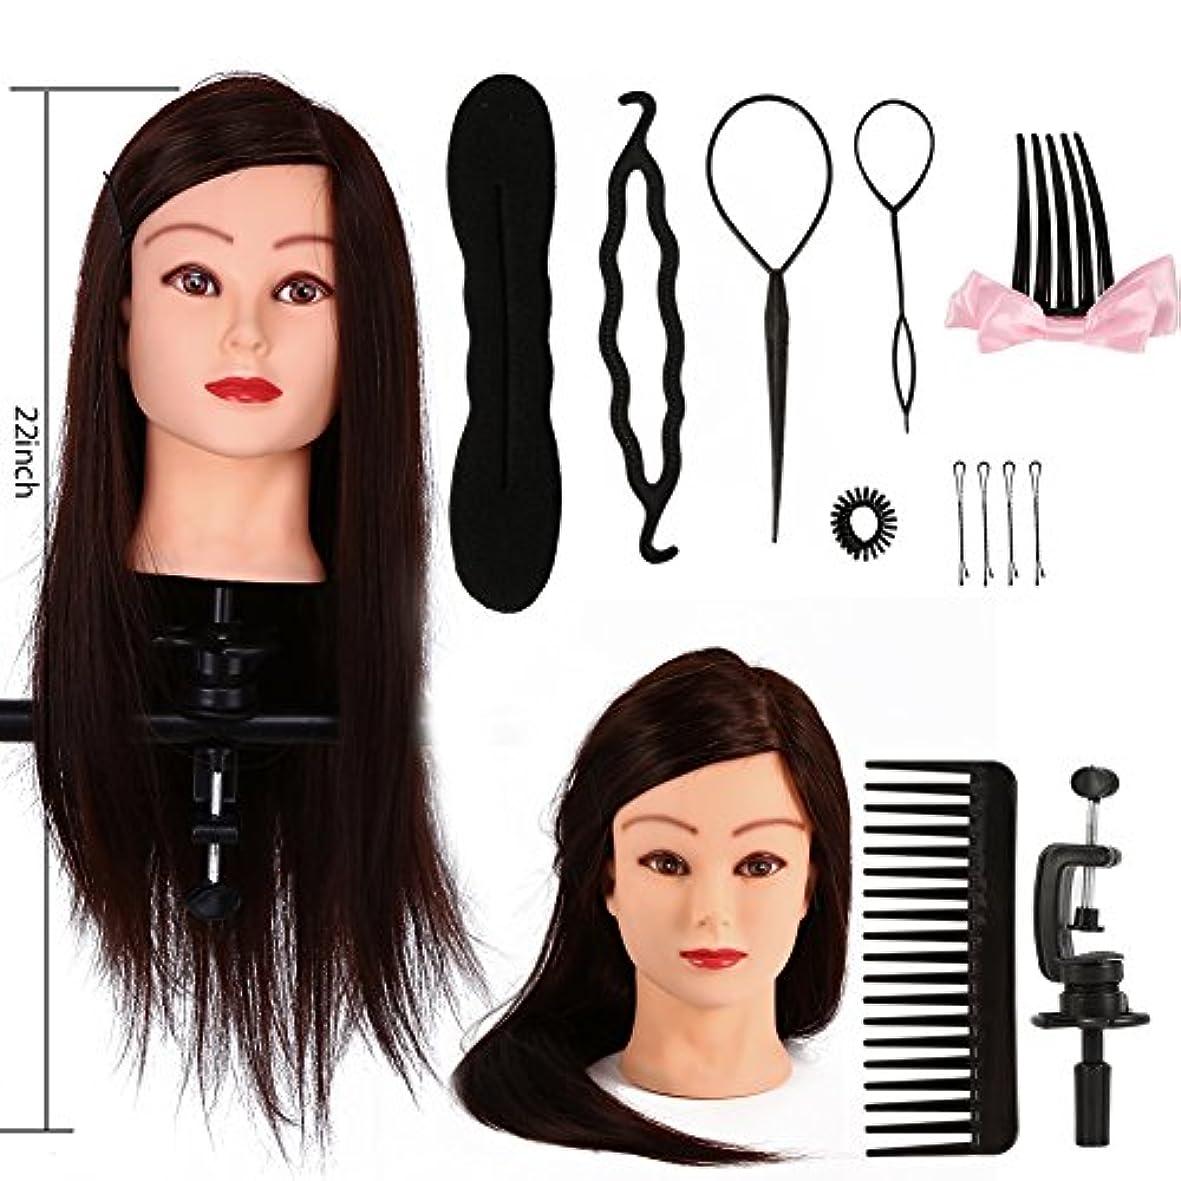 マネキンヘッド、美容院トレーニング実践ヘッドマネキンロング理髪+ブレードセットツール(1#)